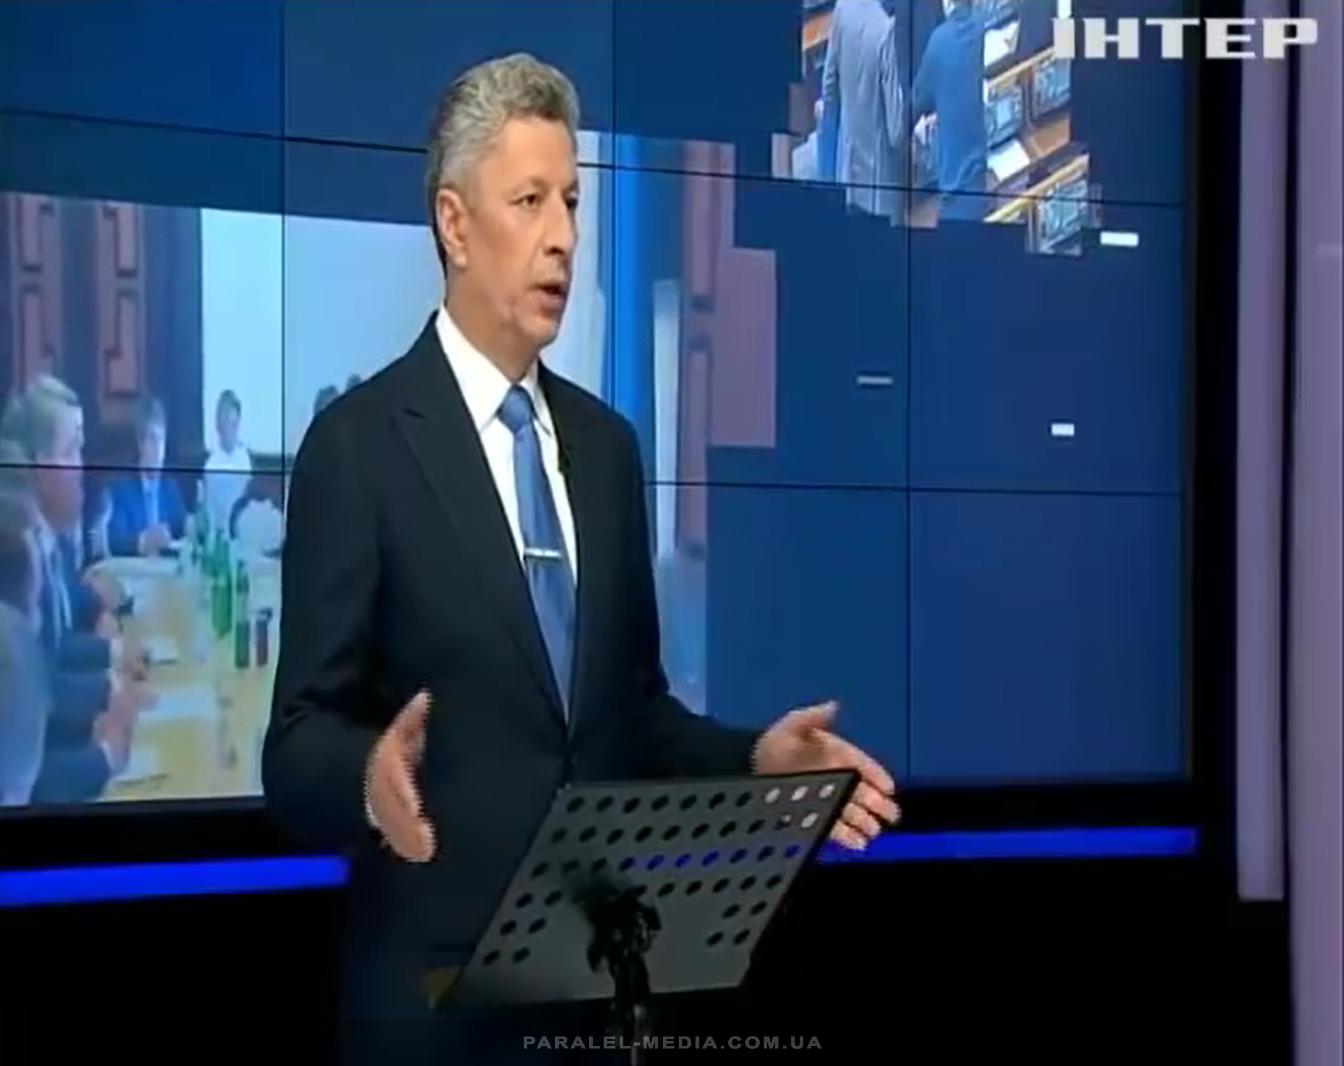 Найбільше грошей Опозиційний блок заплатив за телевізійну підтримку – 12 млн грн. Всю цю суму отримав канал «Інтер»